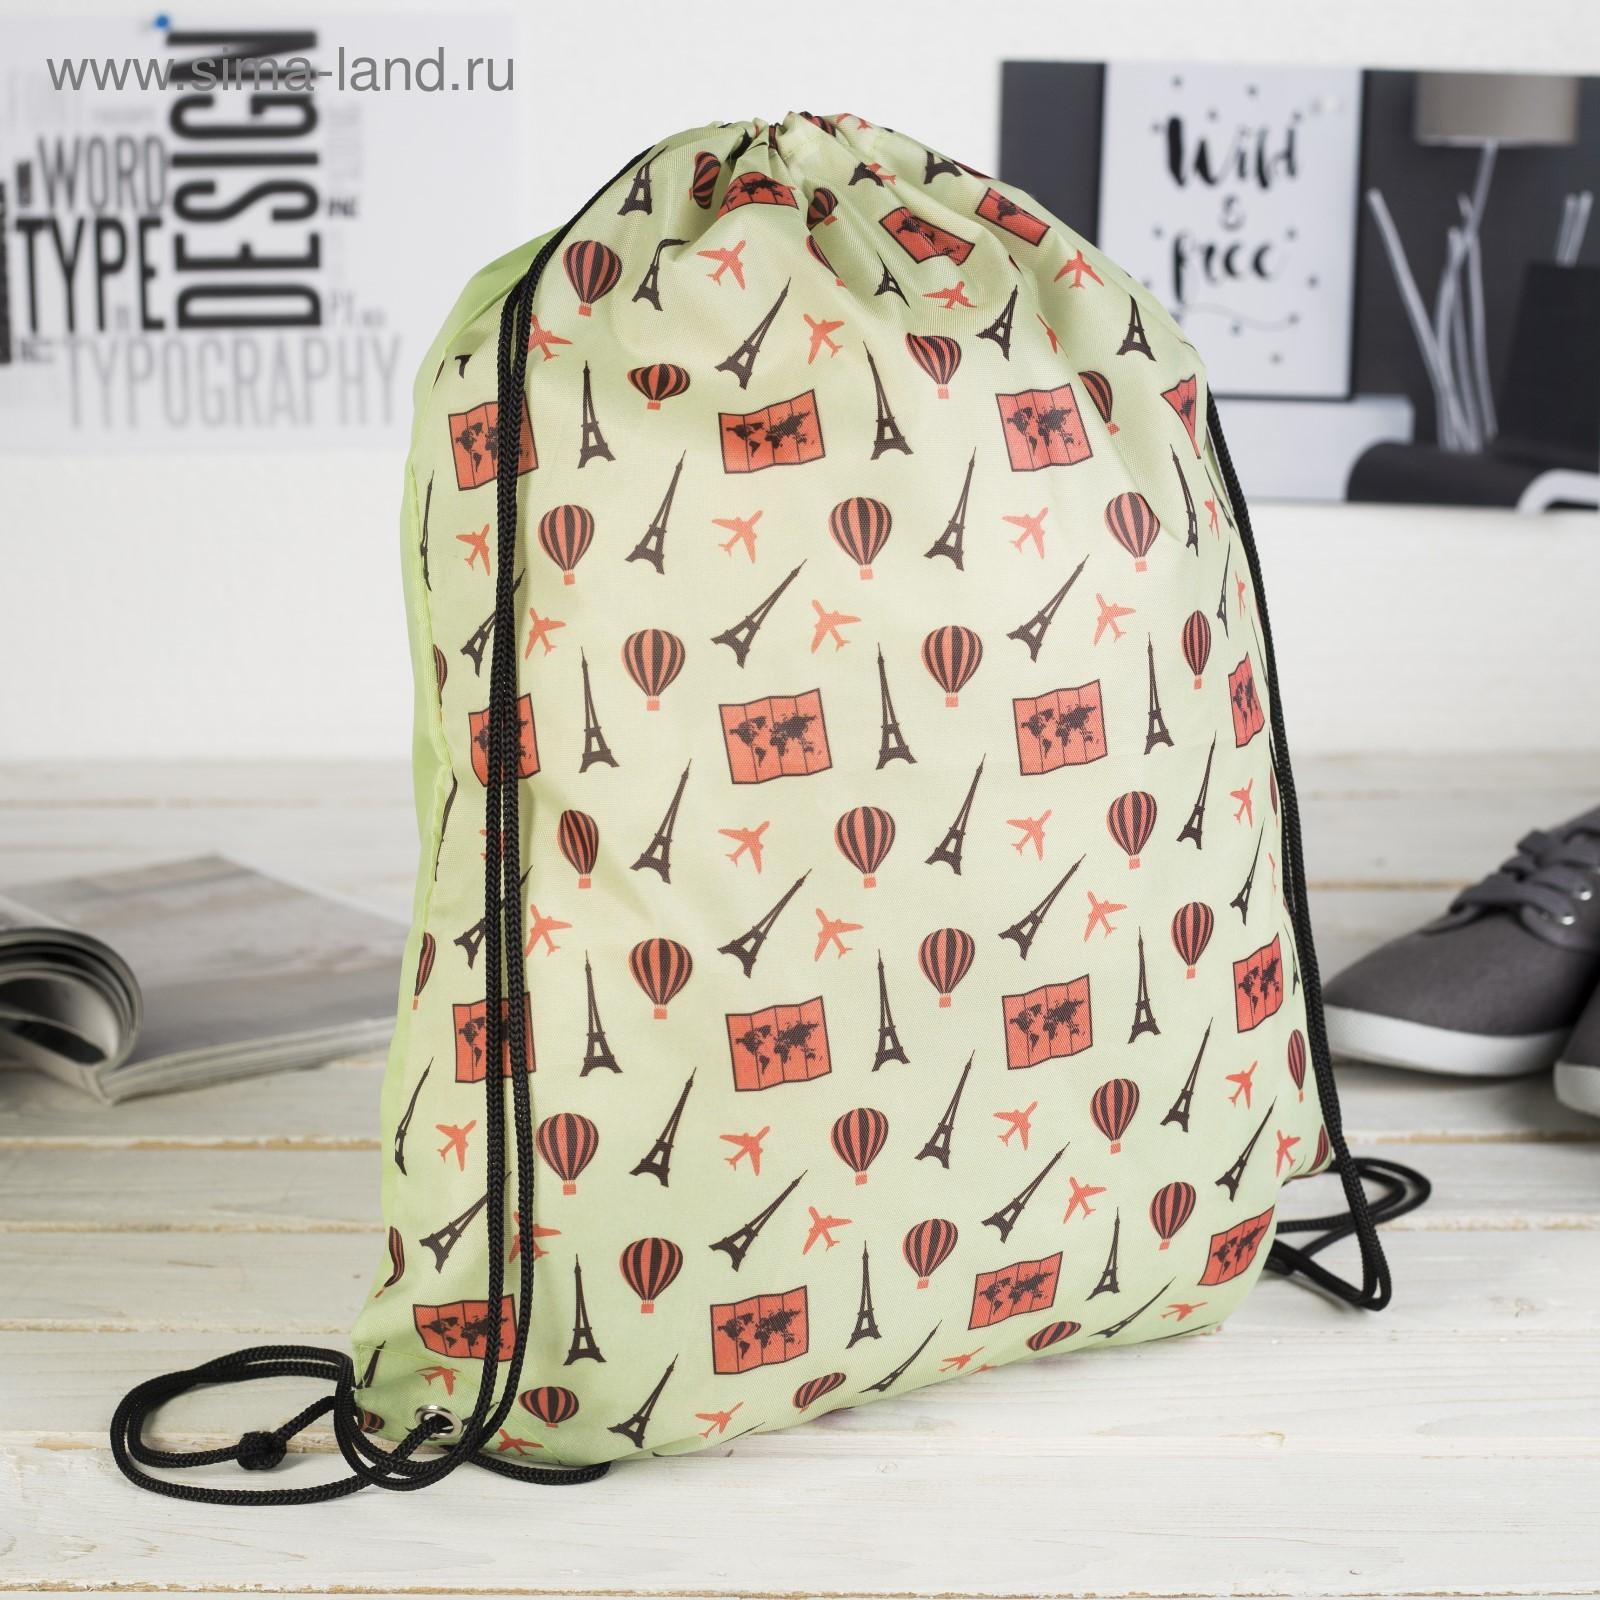 Мешок для обуви 440 330 Tip Top дев Paris TT-1680006 (4147978 ... 02769b51380